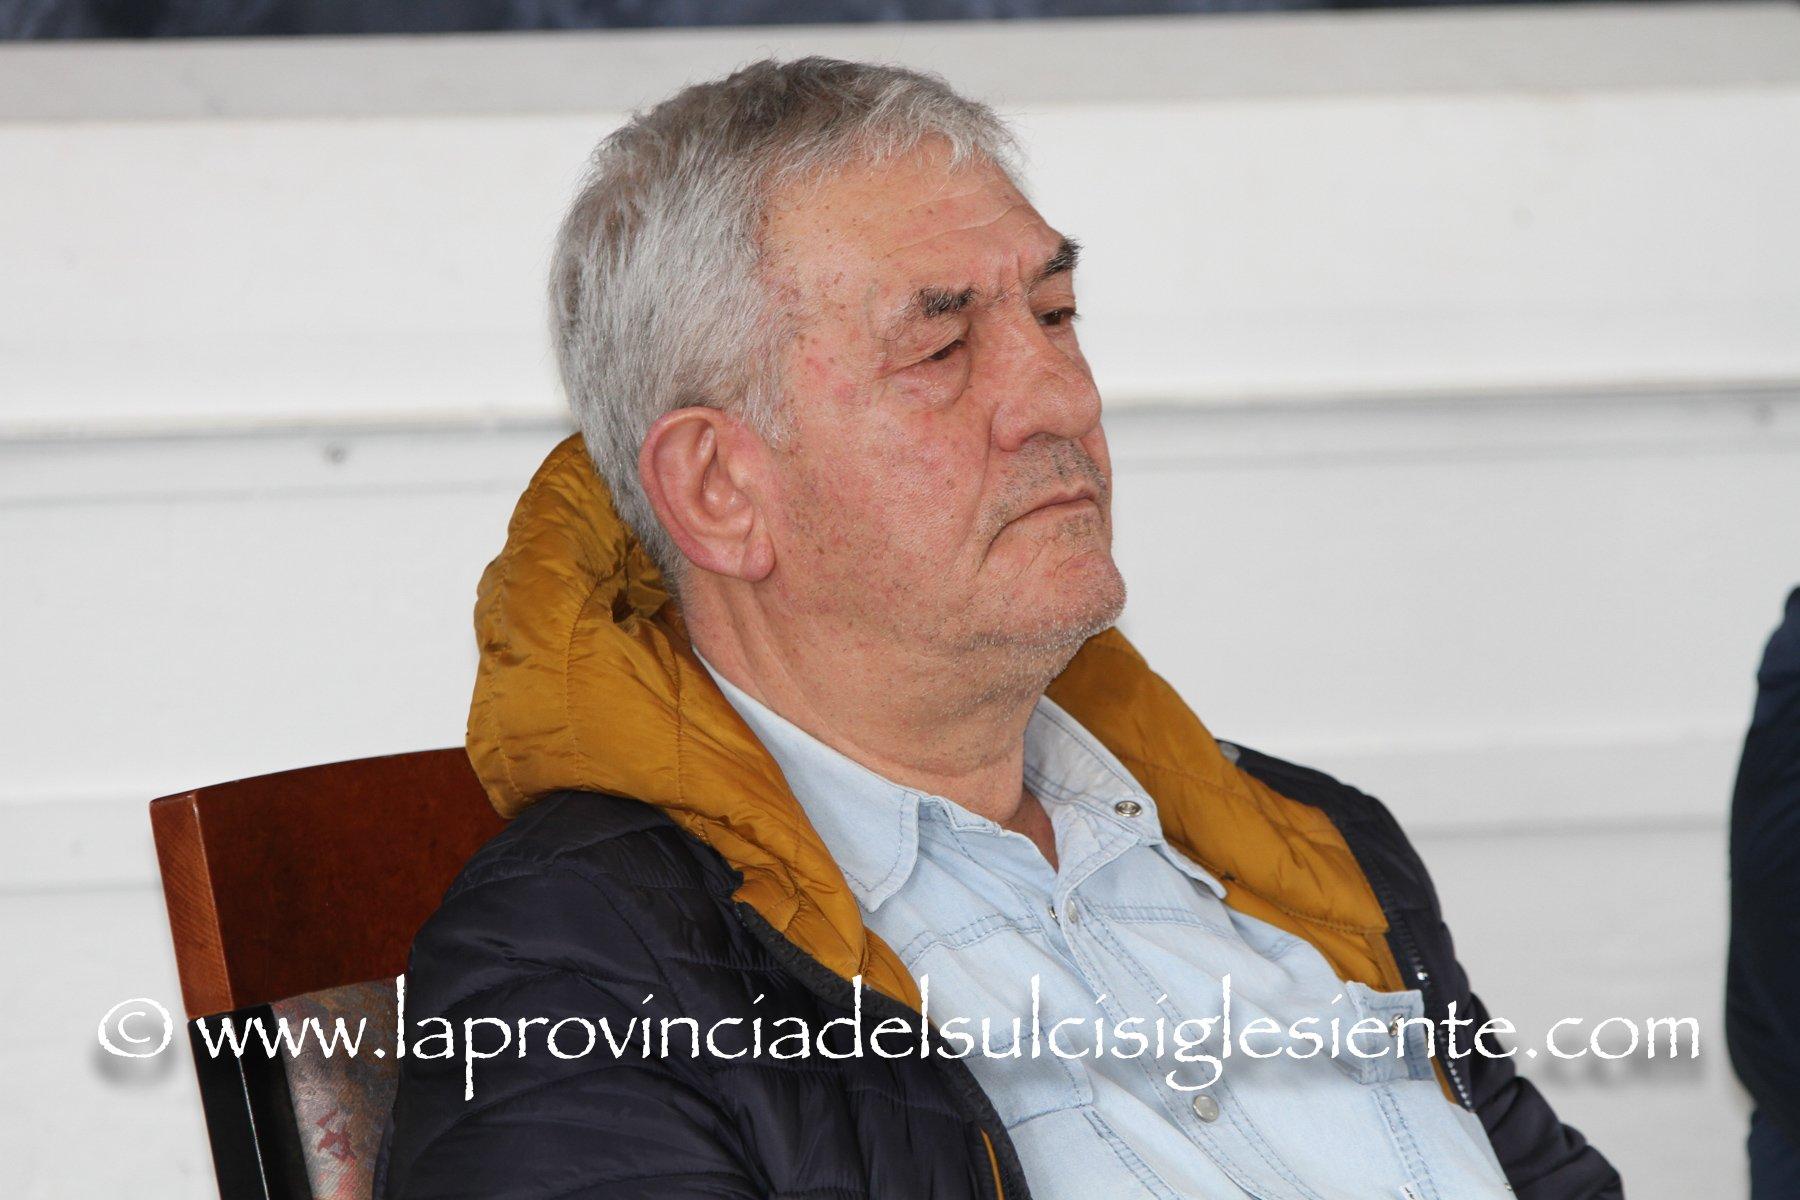 La mancata sottoscrizione del contratto per l'energia allunga i tempi per il riavvio produttivo dello stabilimento Sider Alloys di Portovesme.